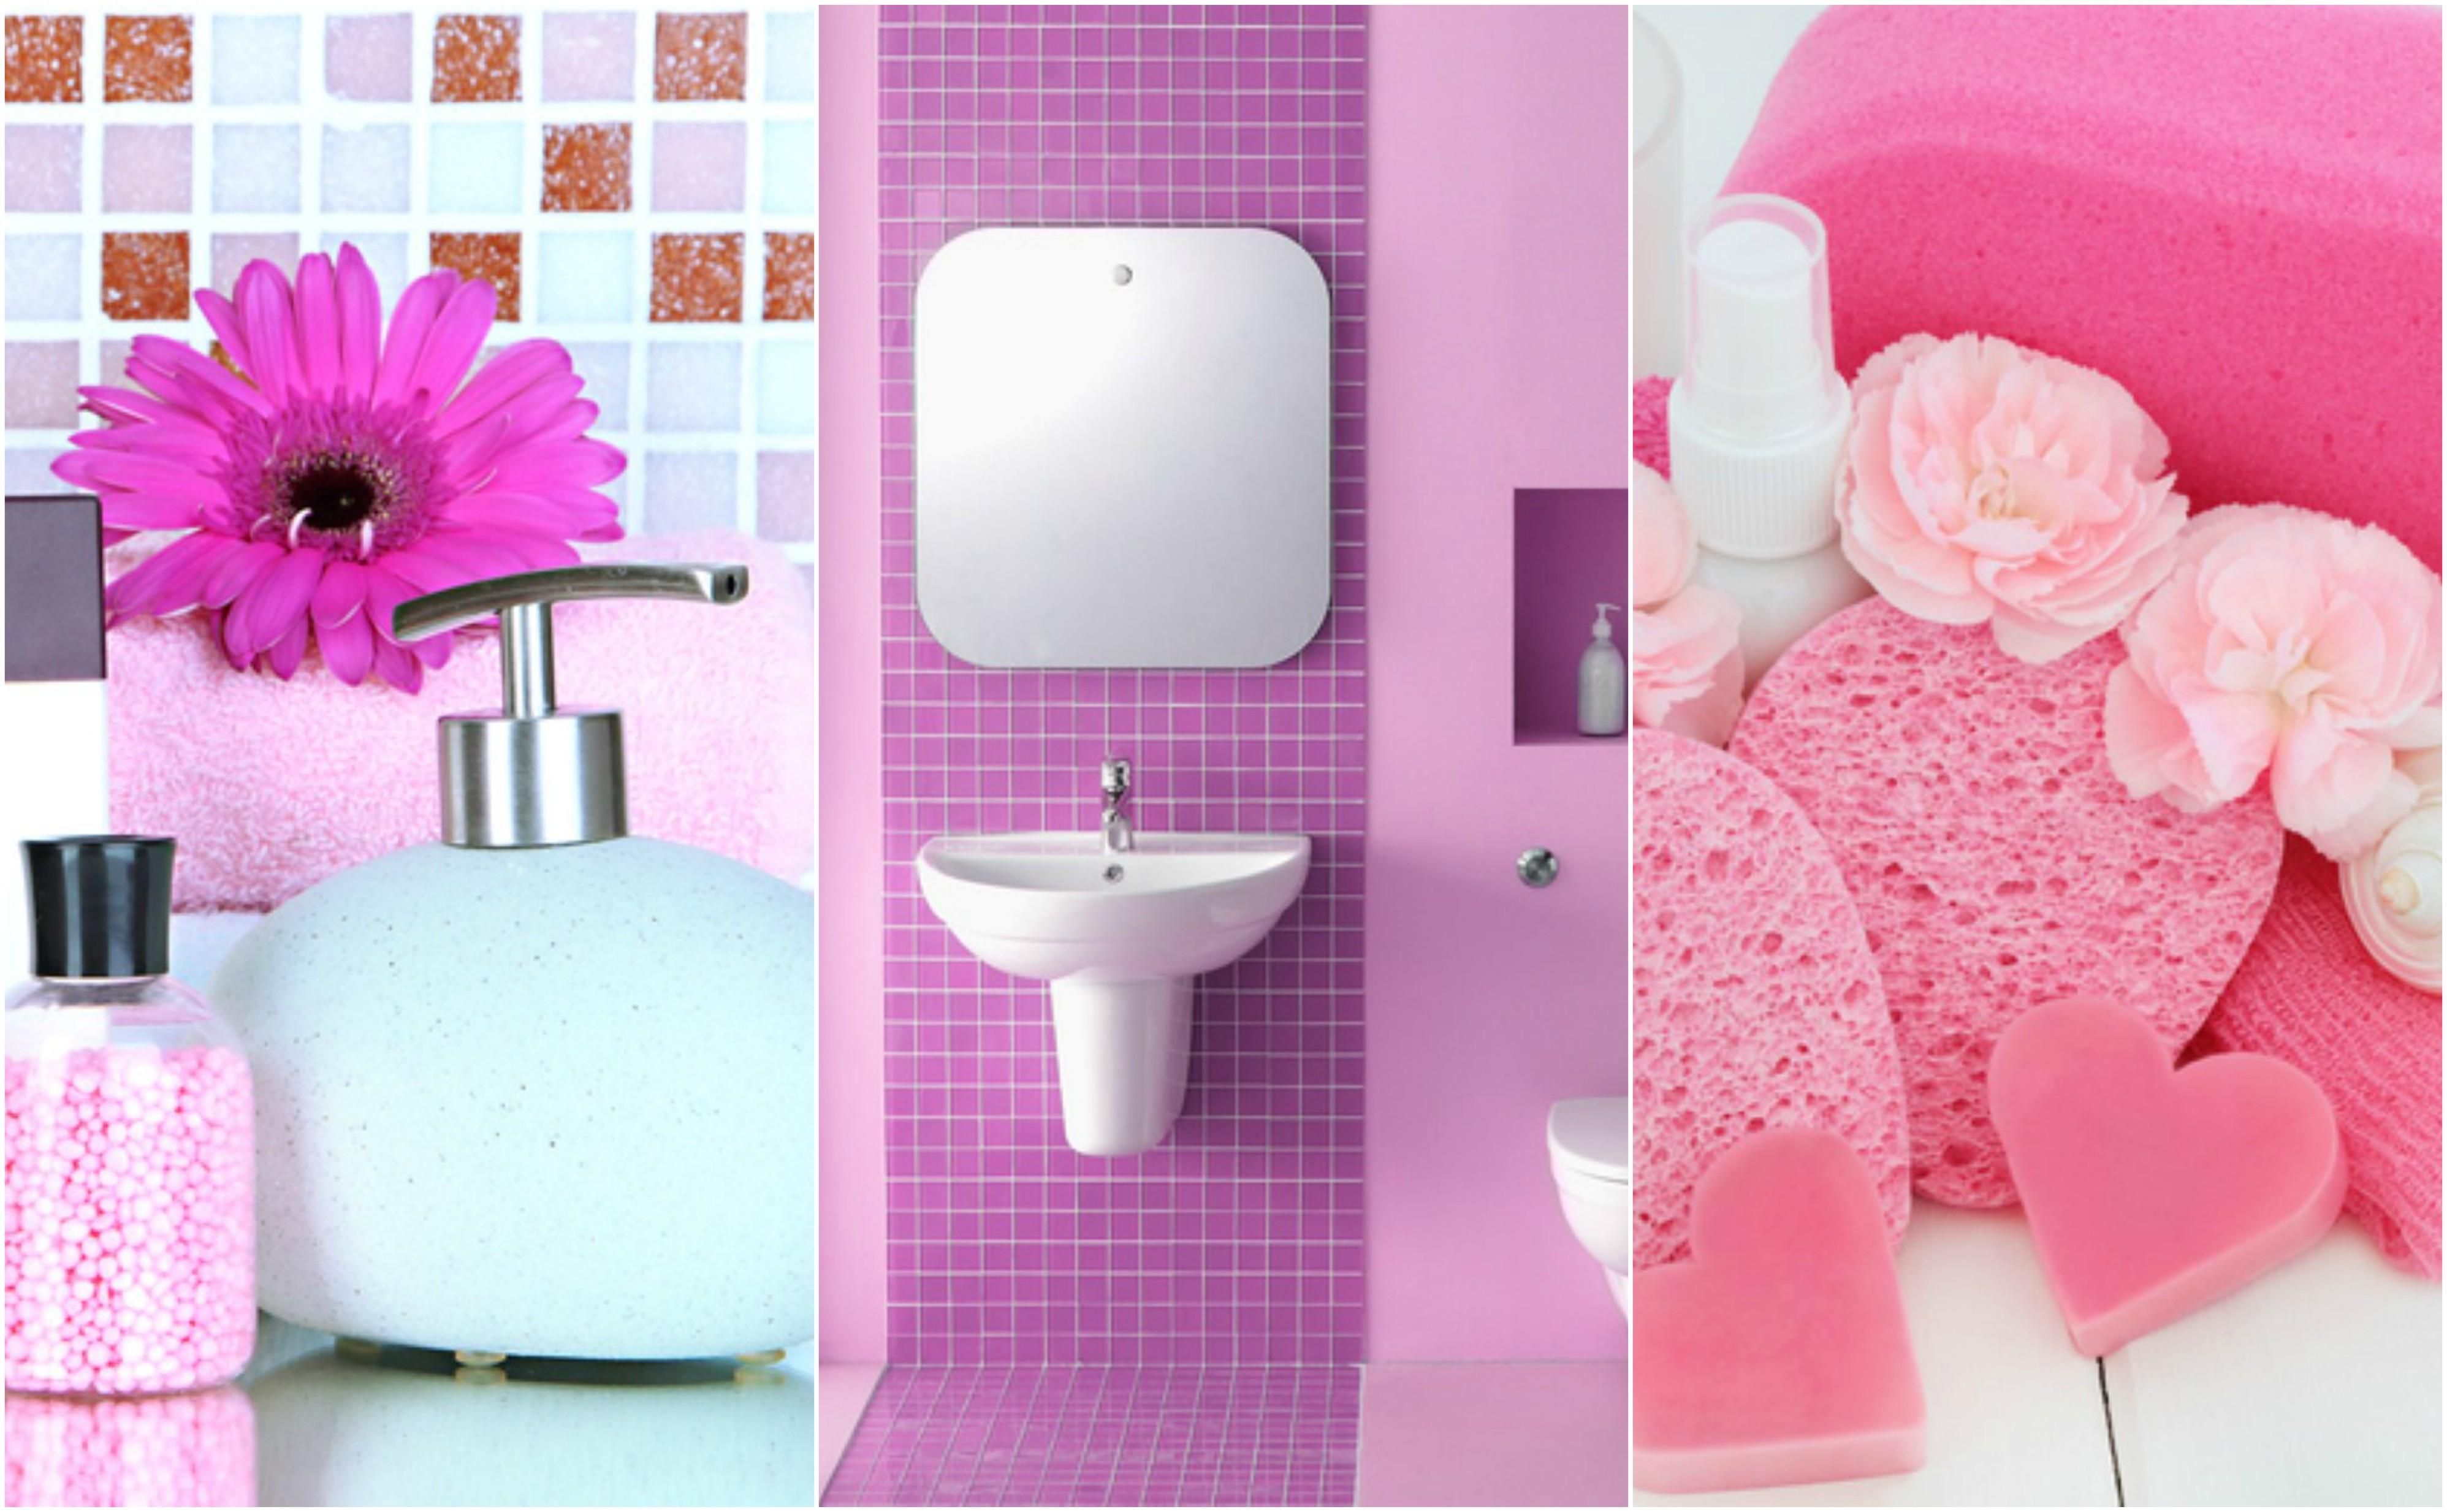 Vasca Da Bagno Usurata : Dieci idee per il bagno di primavera tgcom